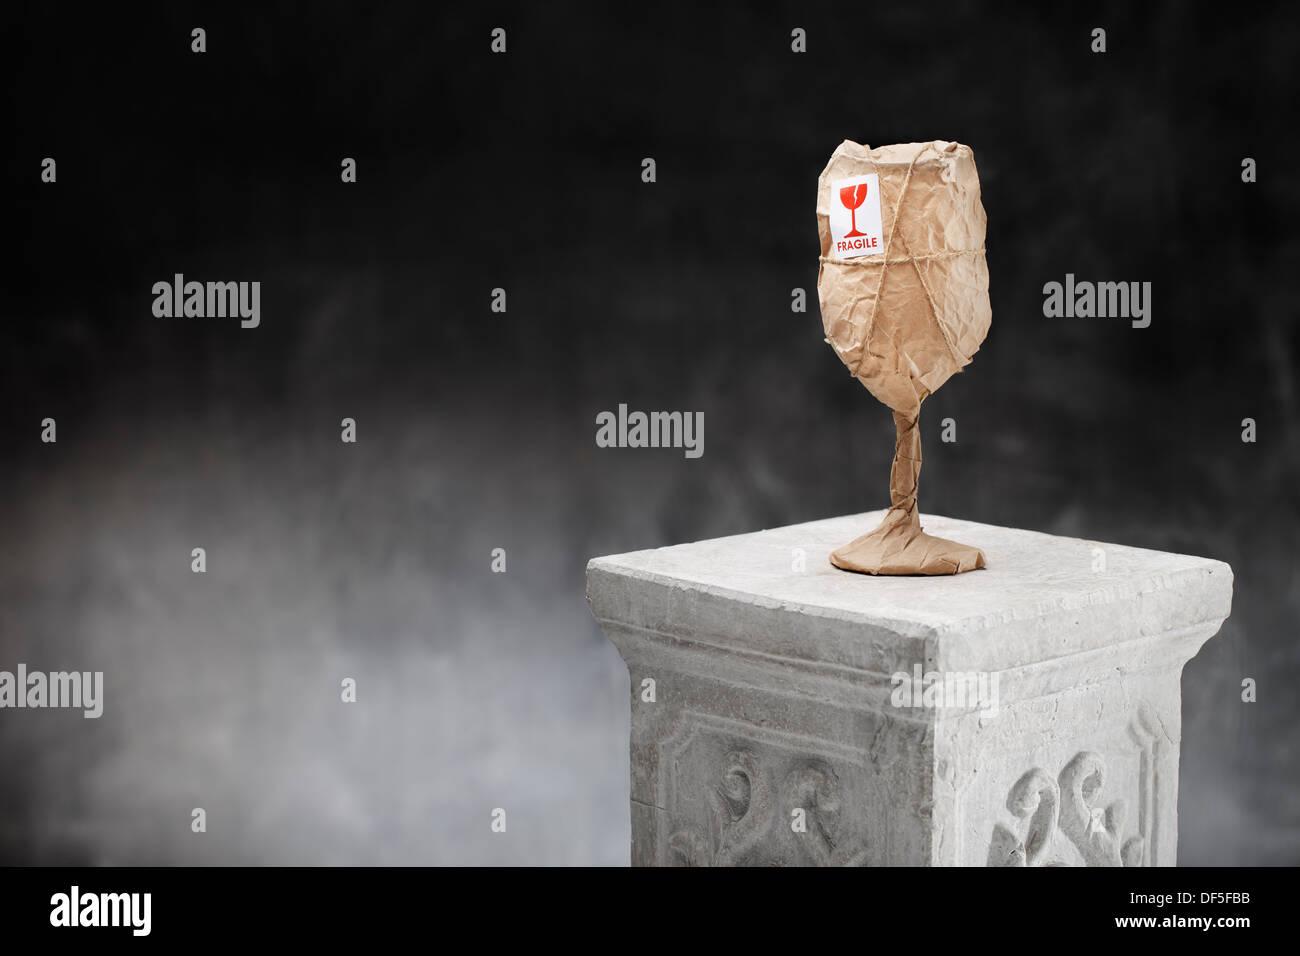 Ovviamente un fragile oggetto avvolto in carta e con un 'Fragile' adesivo. Immagini Stock